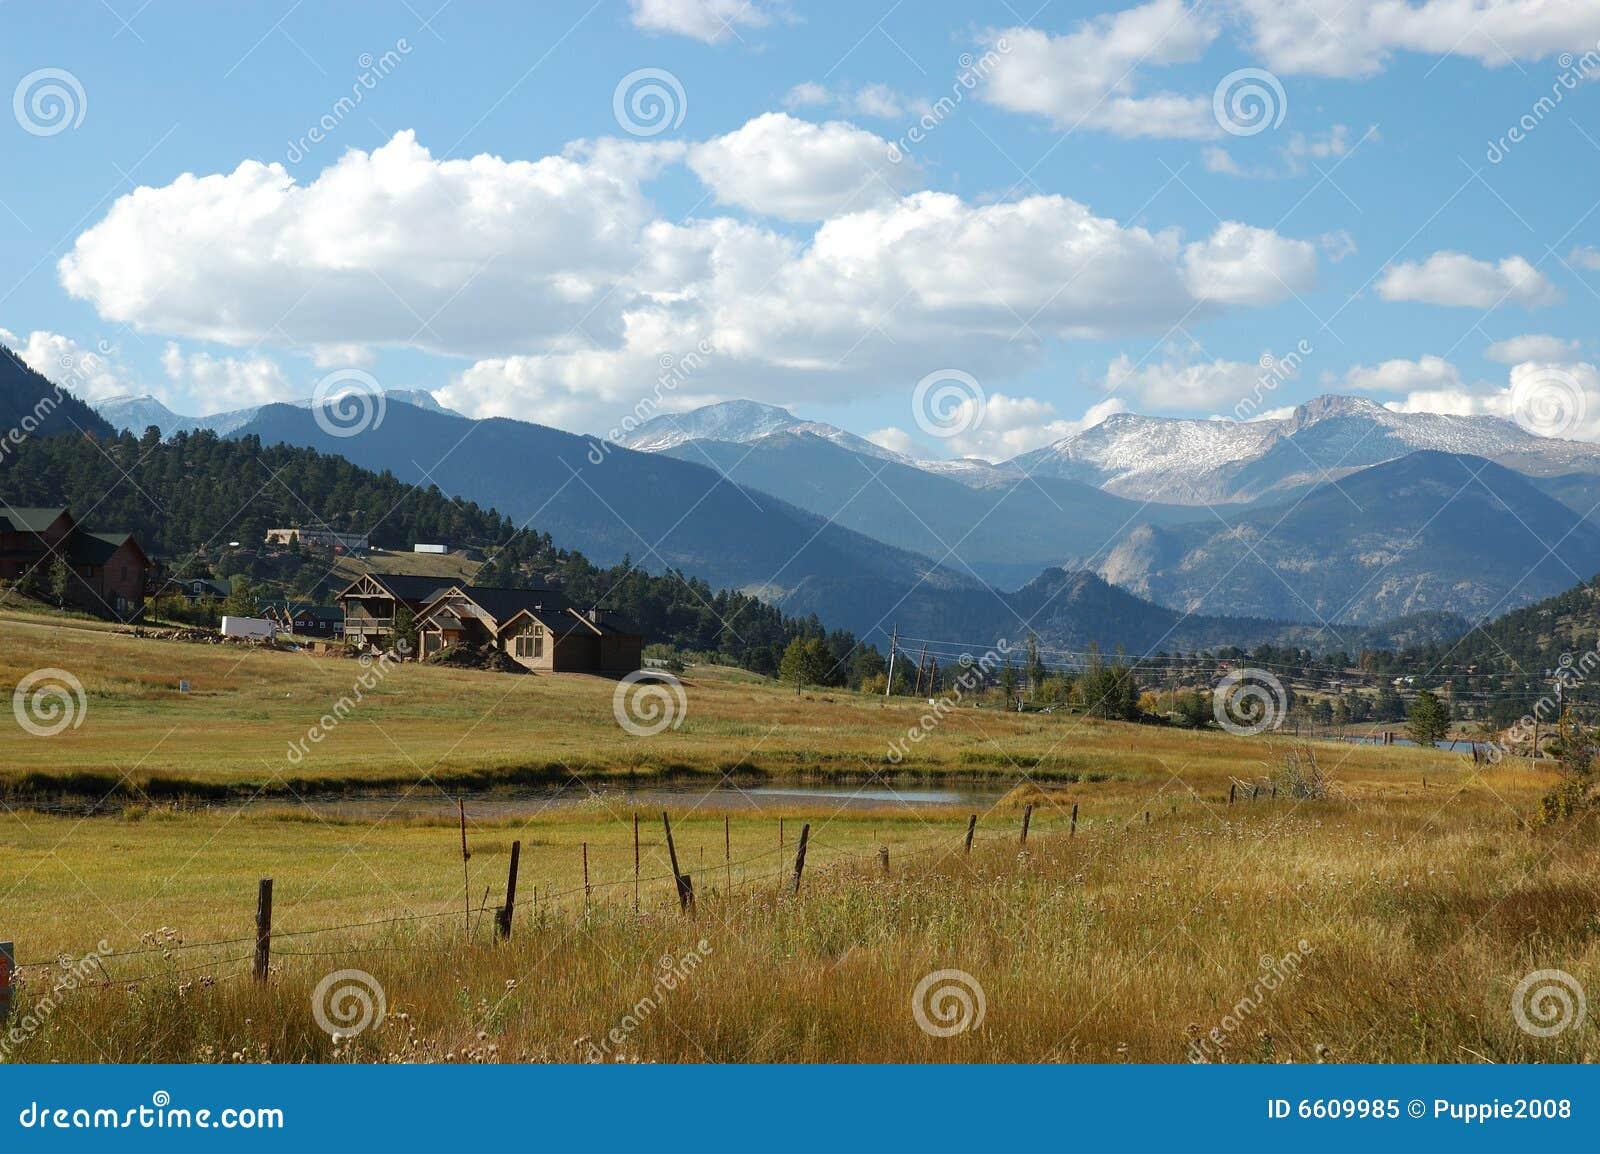 Houses around Boulder, Colorado